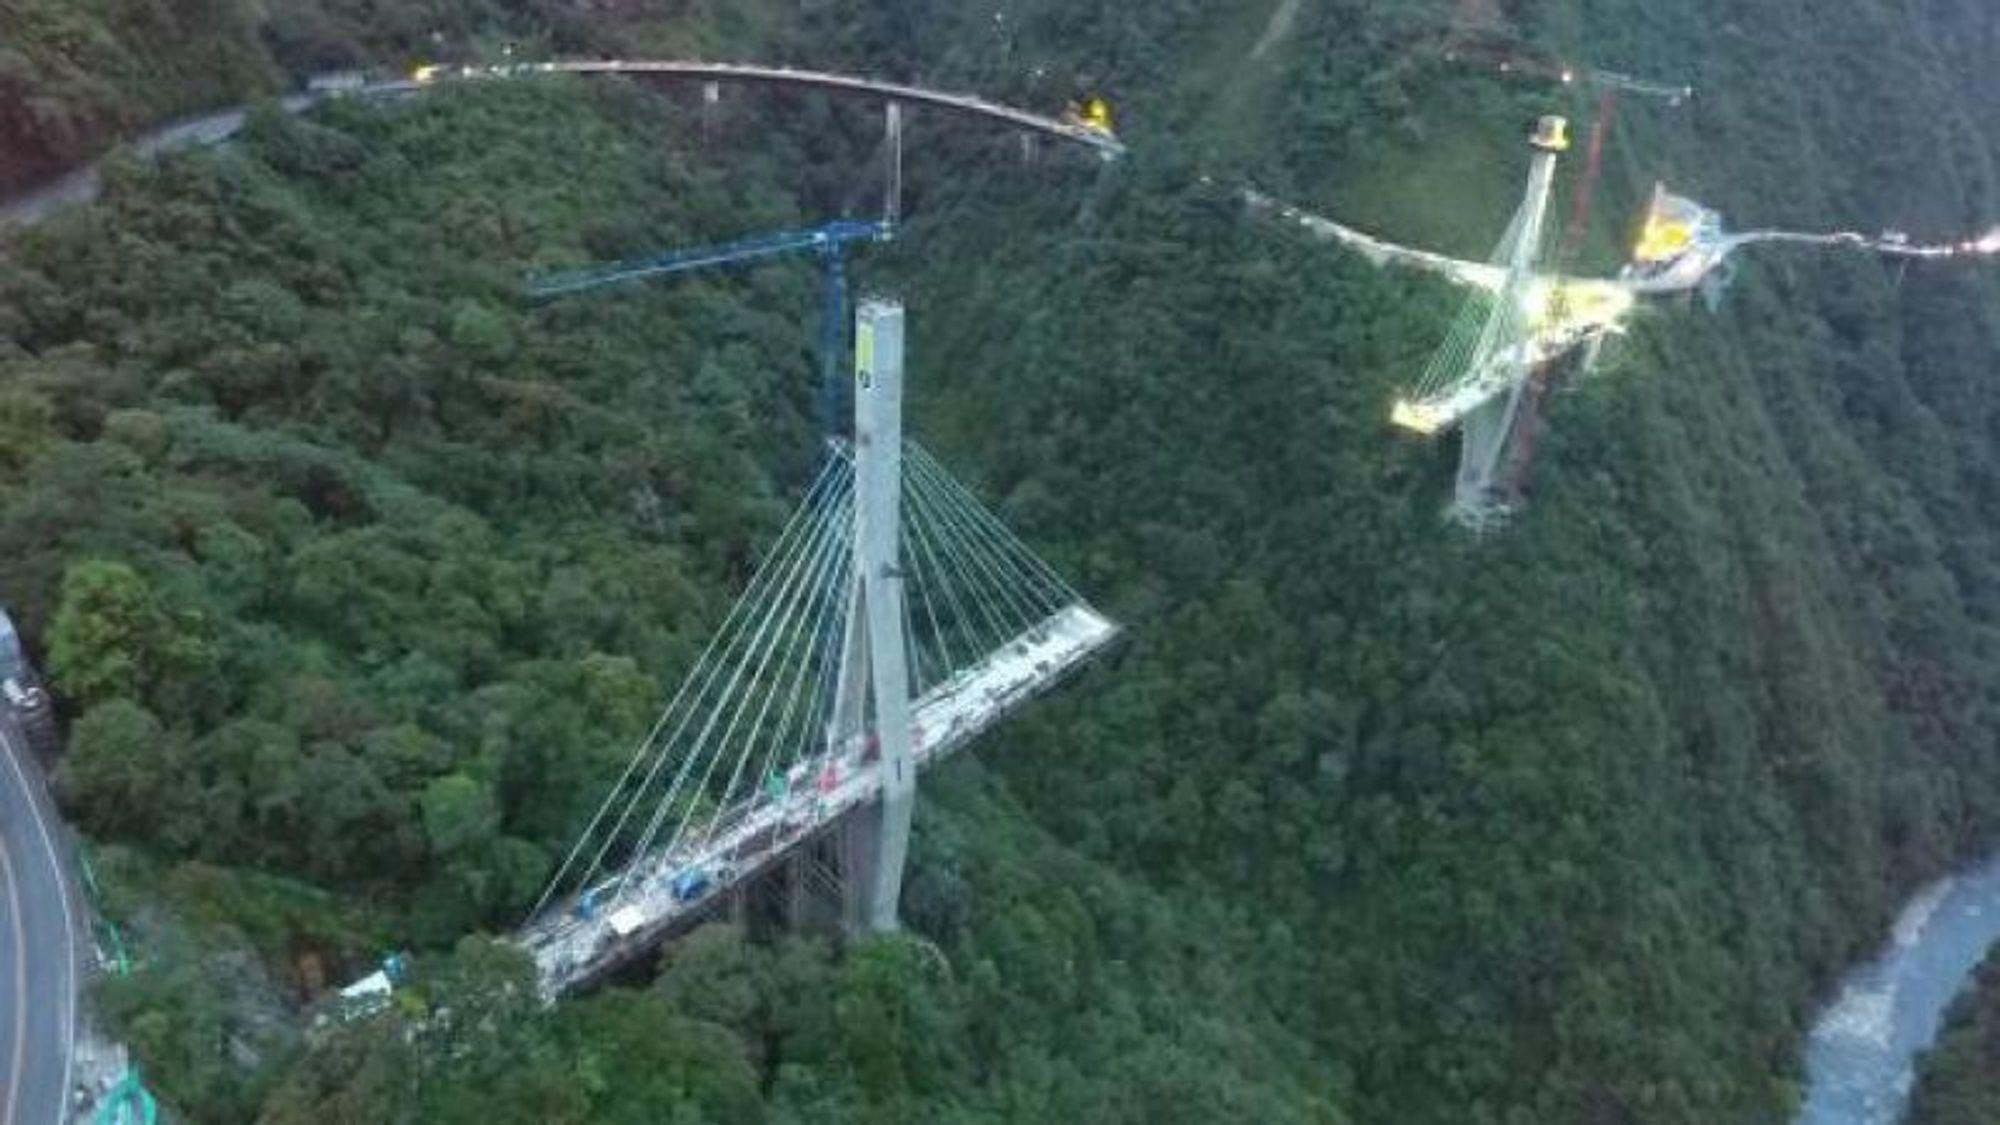 Den 15. januar 2018 kollapset det vestlige (nærmest på bildet) tårnet på skråstagbroen Puente Chirajara, som var under oppføring knappe 100 kilometer sør for Bogotá i Colombia. Broen var en del av et stort veiprosjekt mellom Bogotá og Villavicencio, og anbudet ble vunnet av selskapet Coviandes. Área Ingenieros Consultores sto for konstruksjonen, mens Gisaico var leid inn som entreprenør. En forundersøkelse av kollapsen indikerer at det kan ha manglet armering i spennbåndet mellom beina til tårnet.